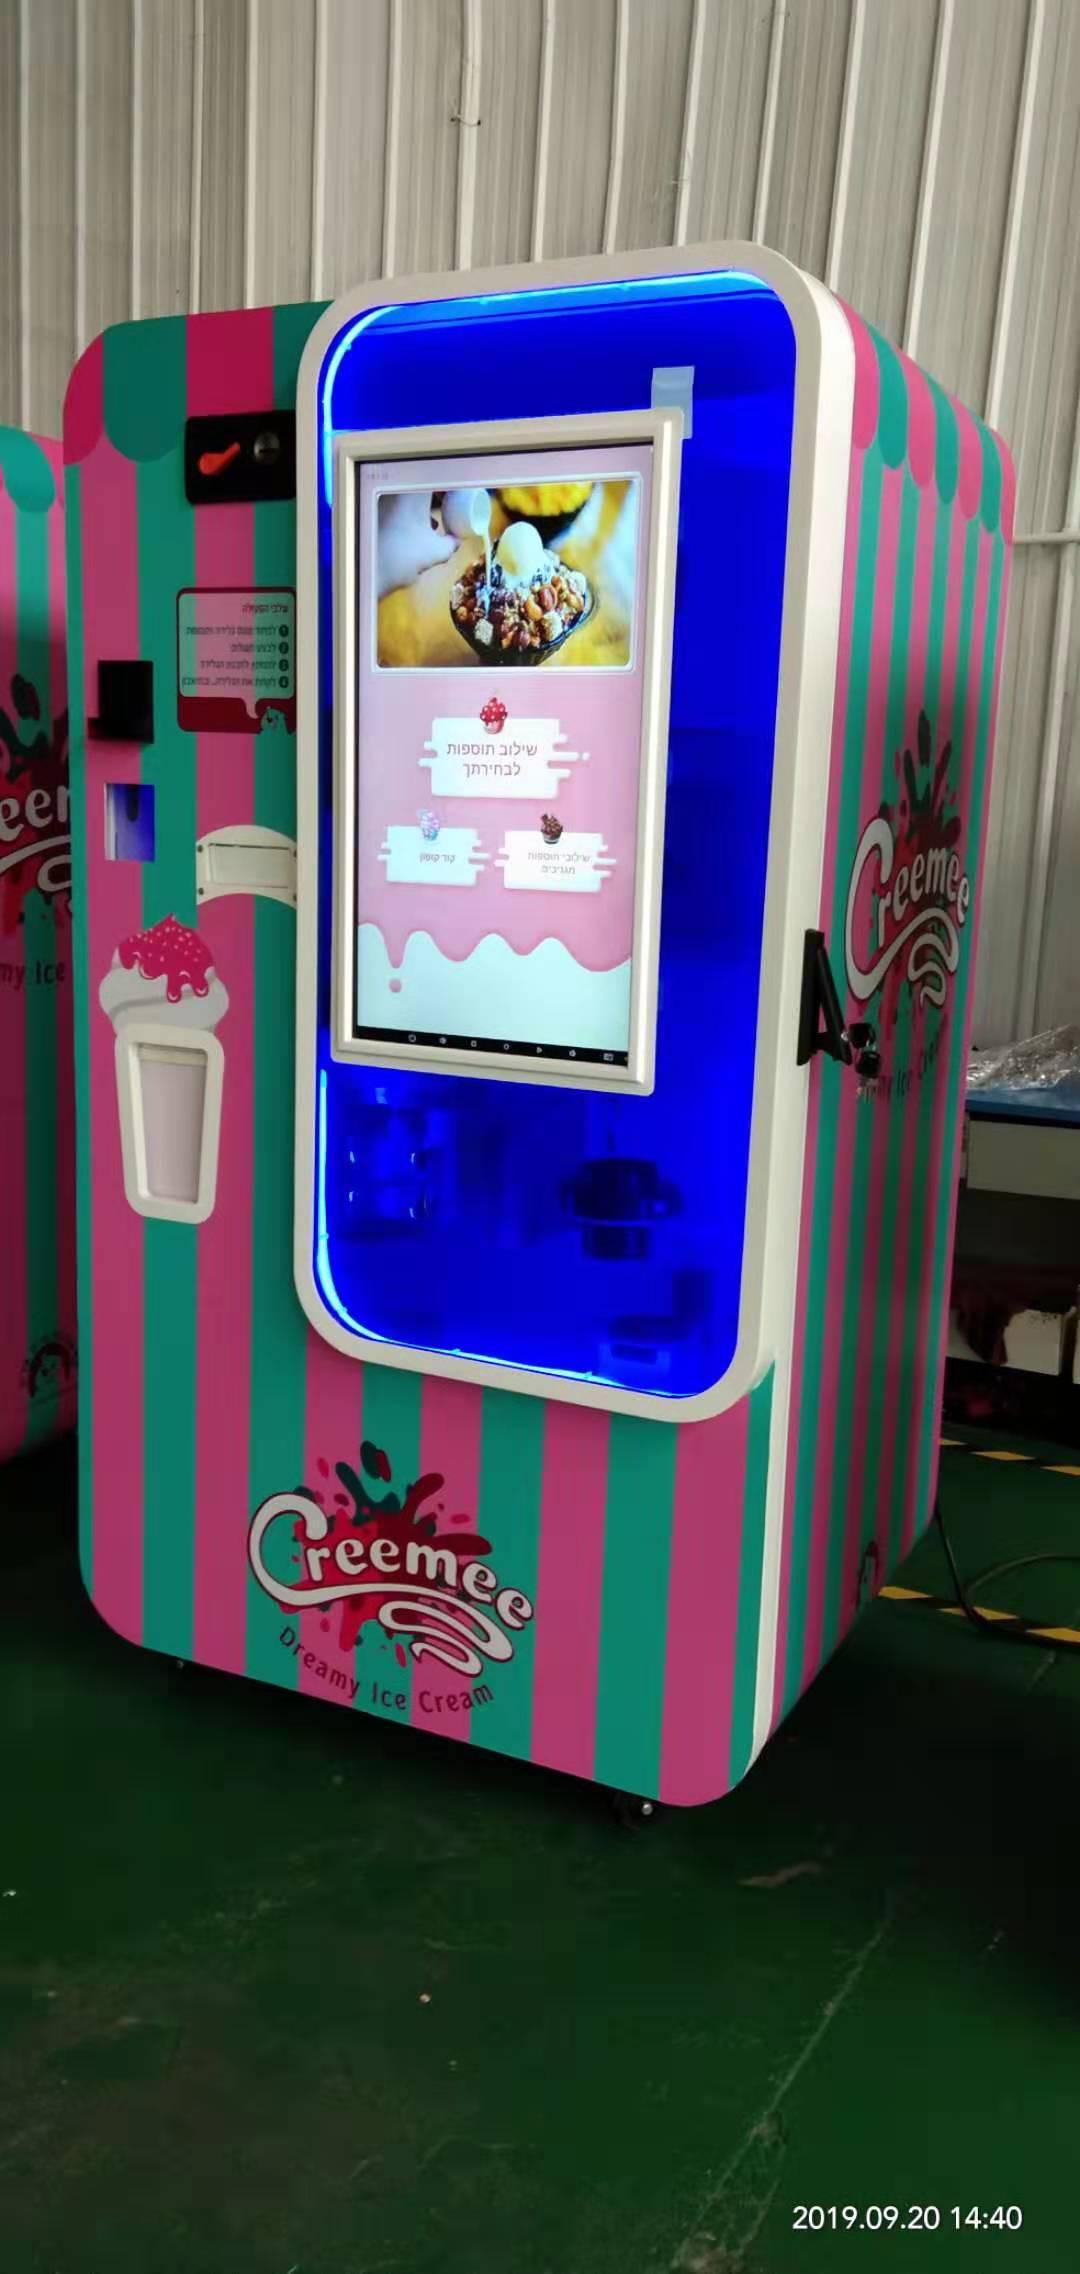 一机顶N店机器人冰淇淋多少钱创业加盟省时省力